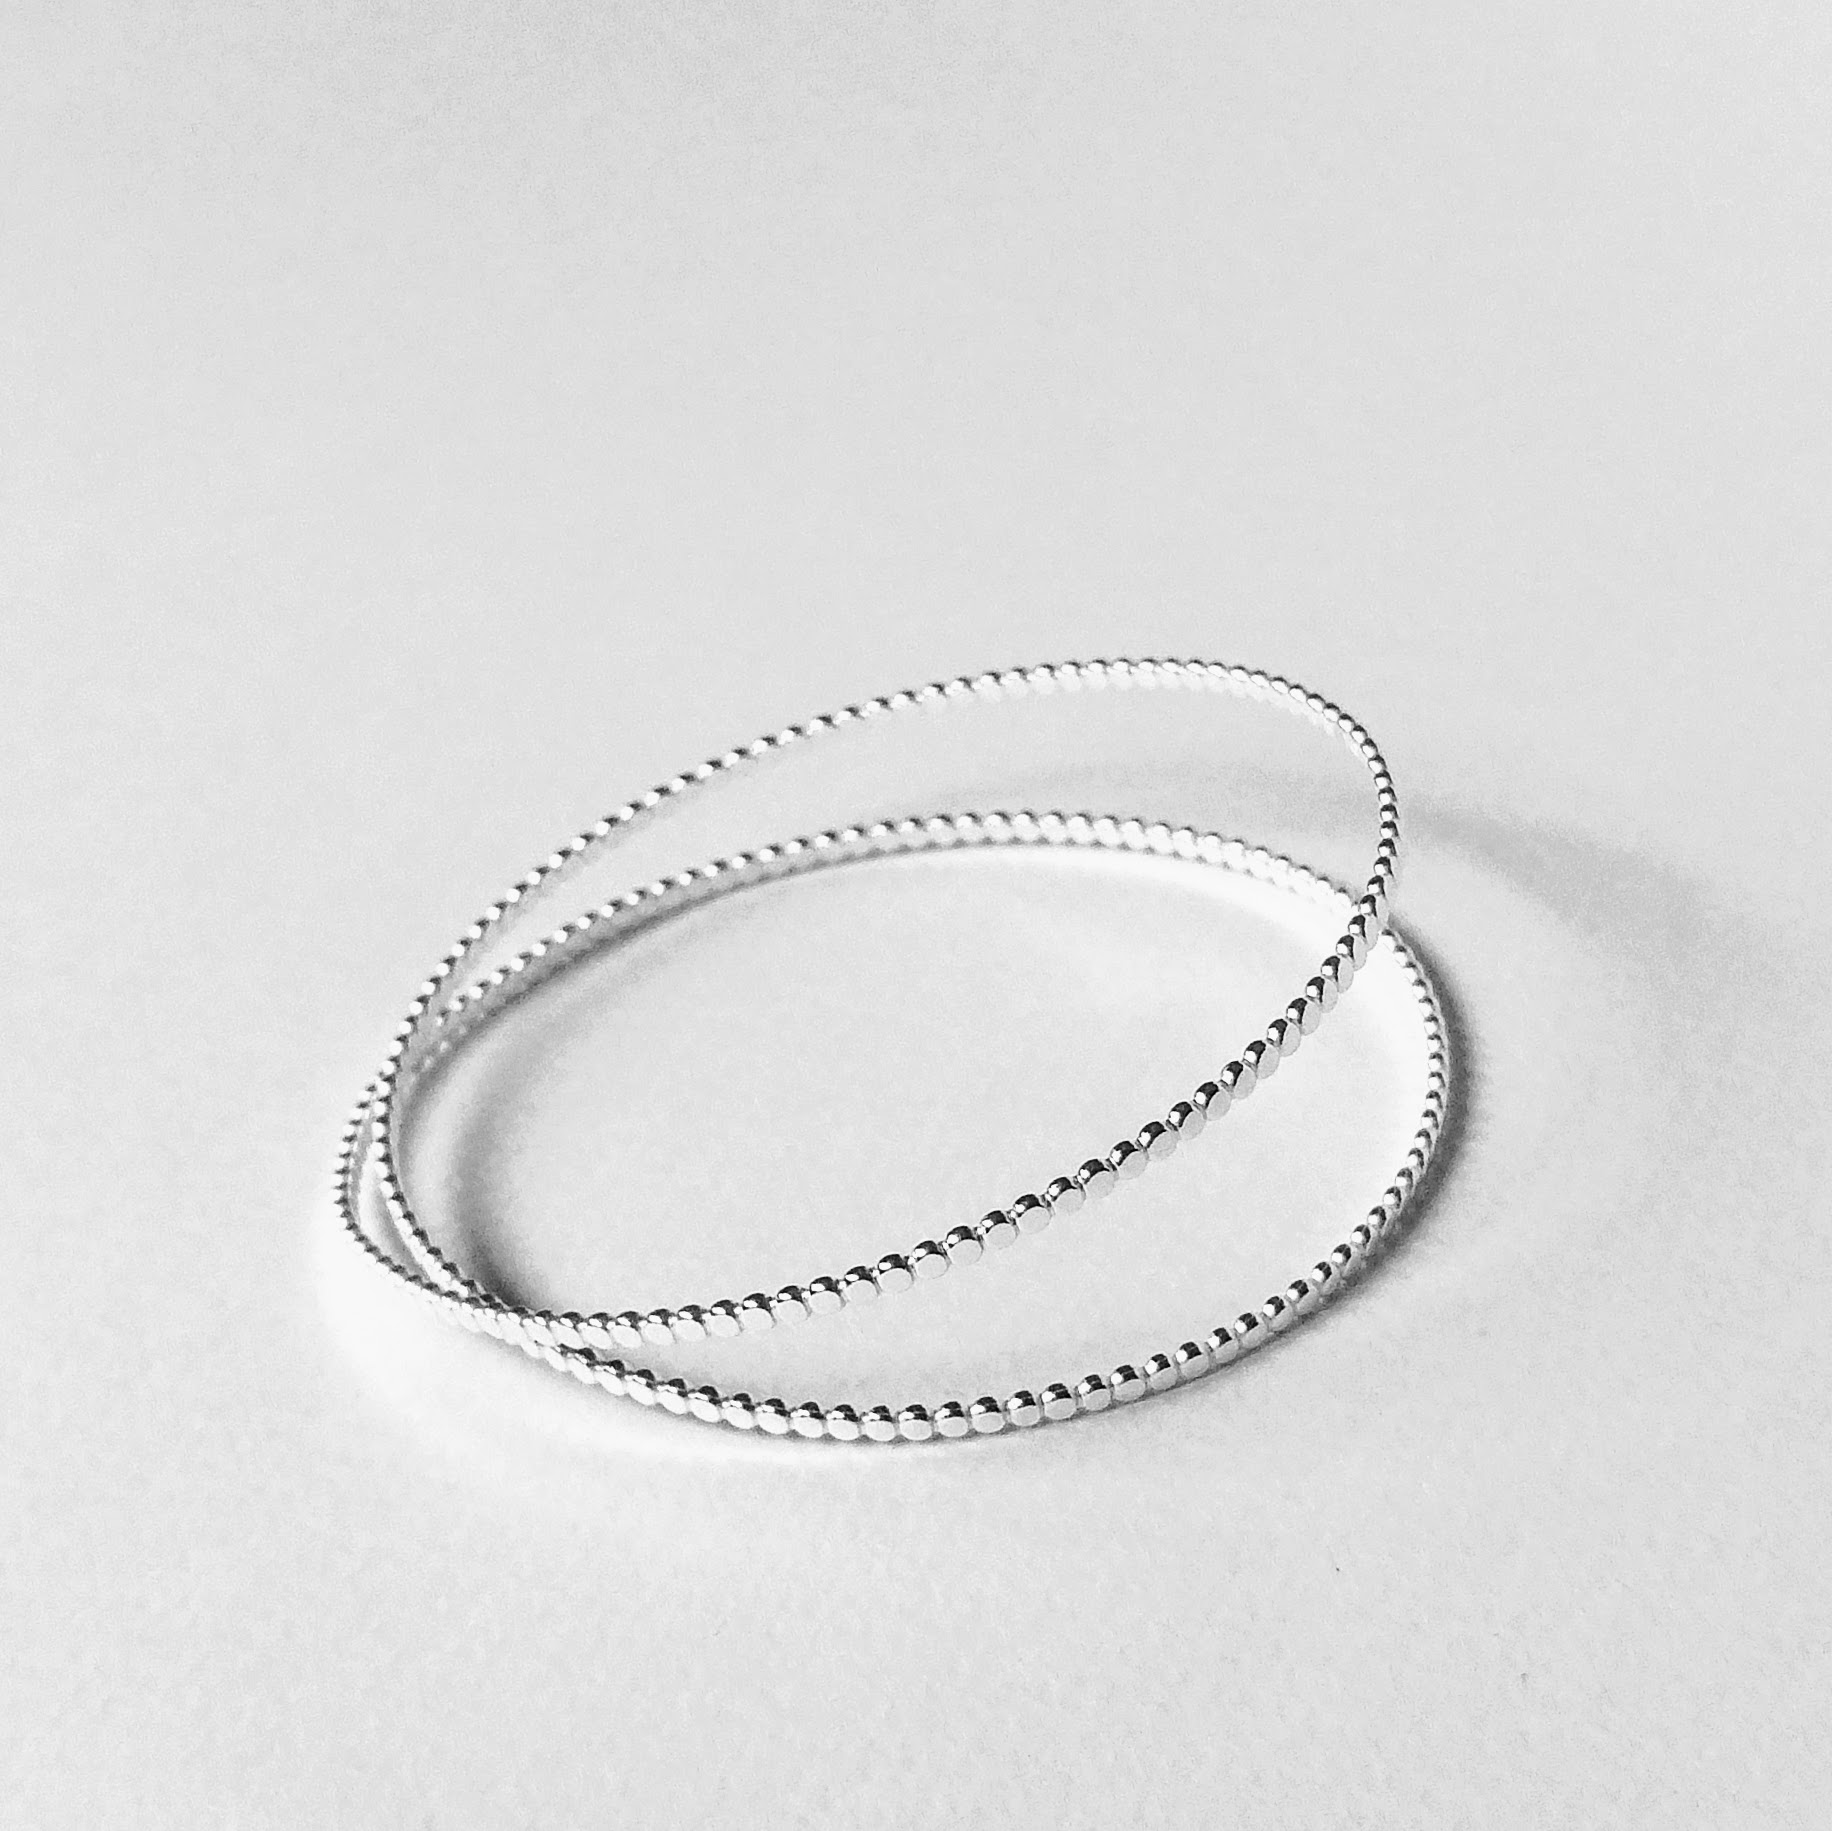 Nuance bracelet